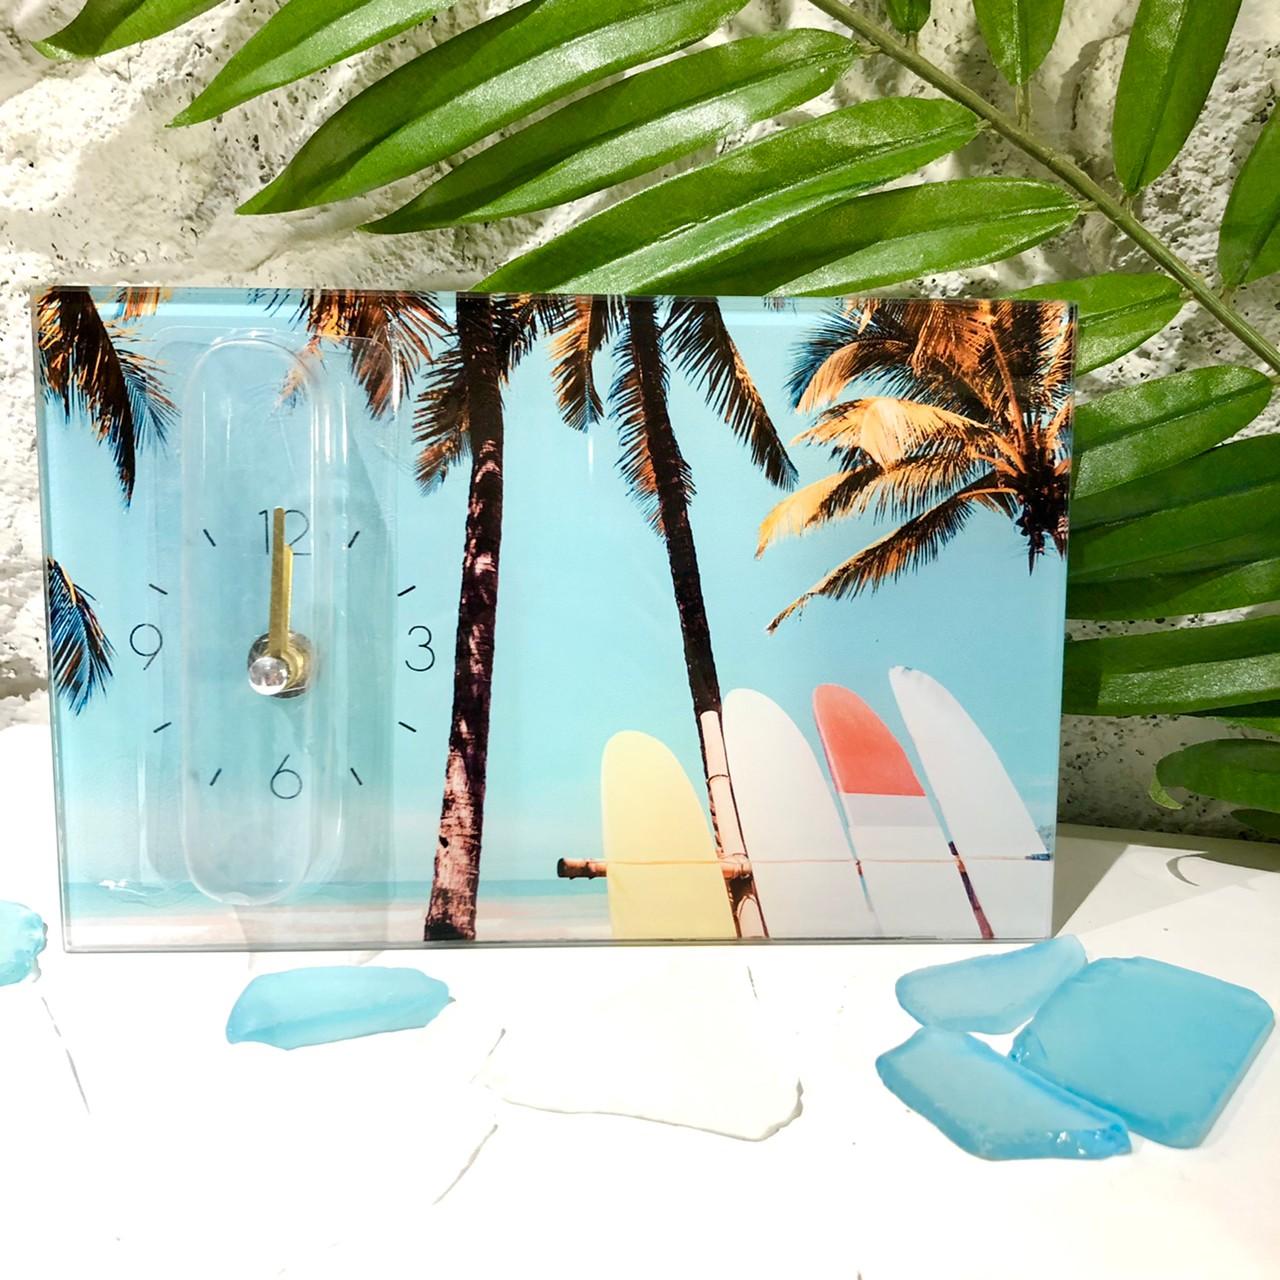 フォトデザイン時計【ハワイアン雑貨】ボードとヤシの木